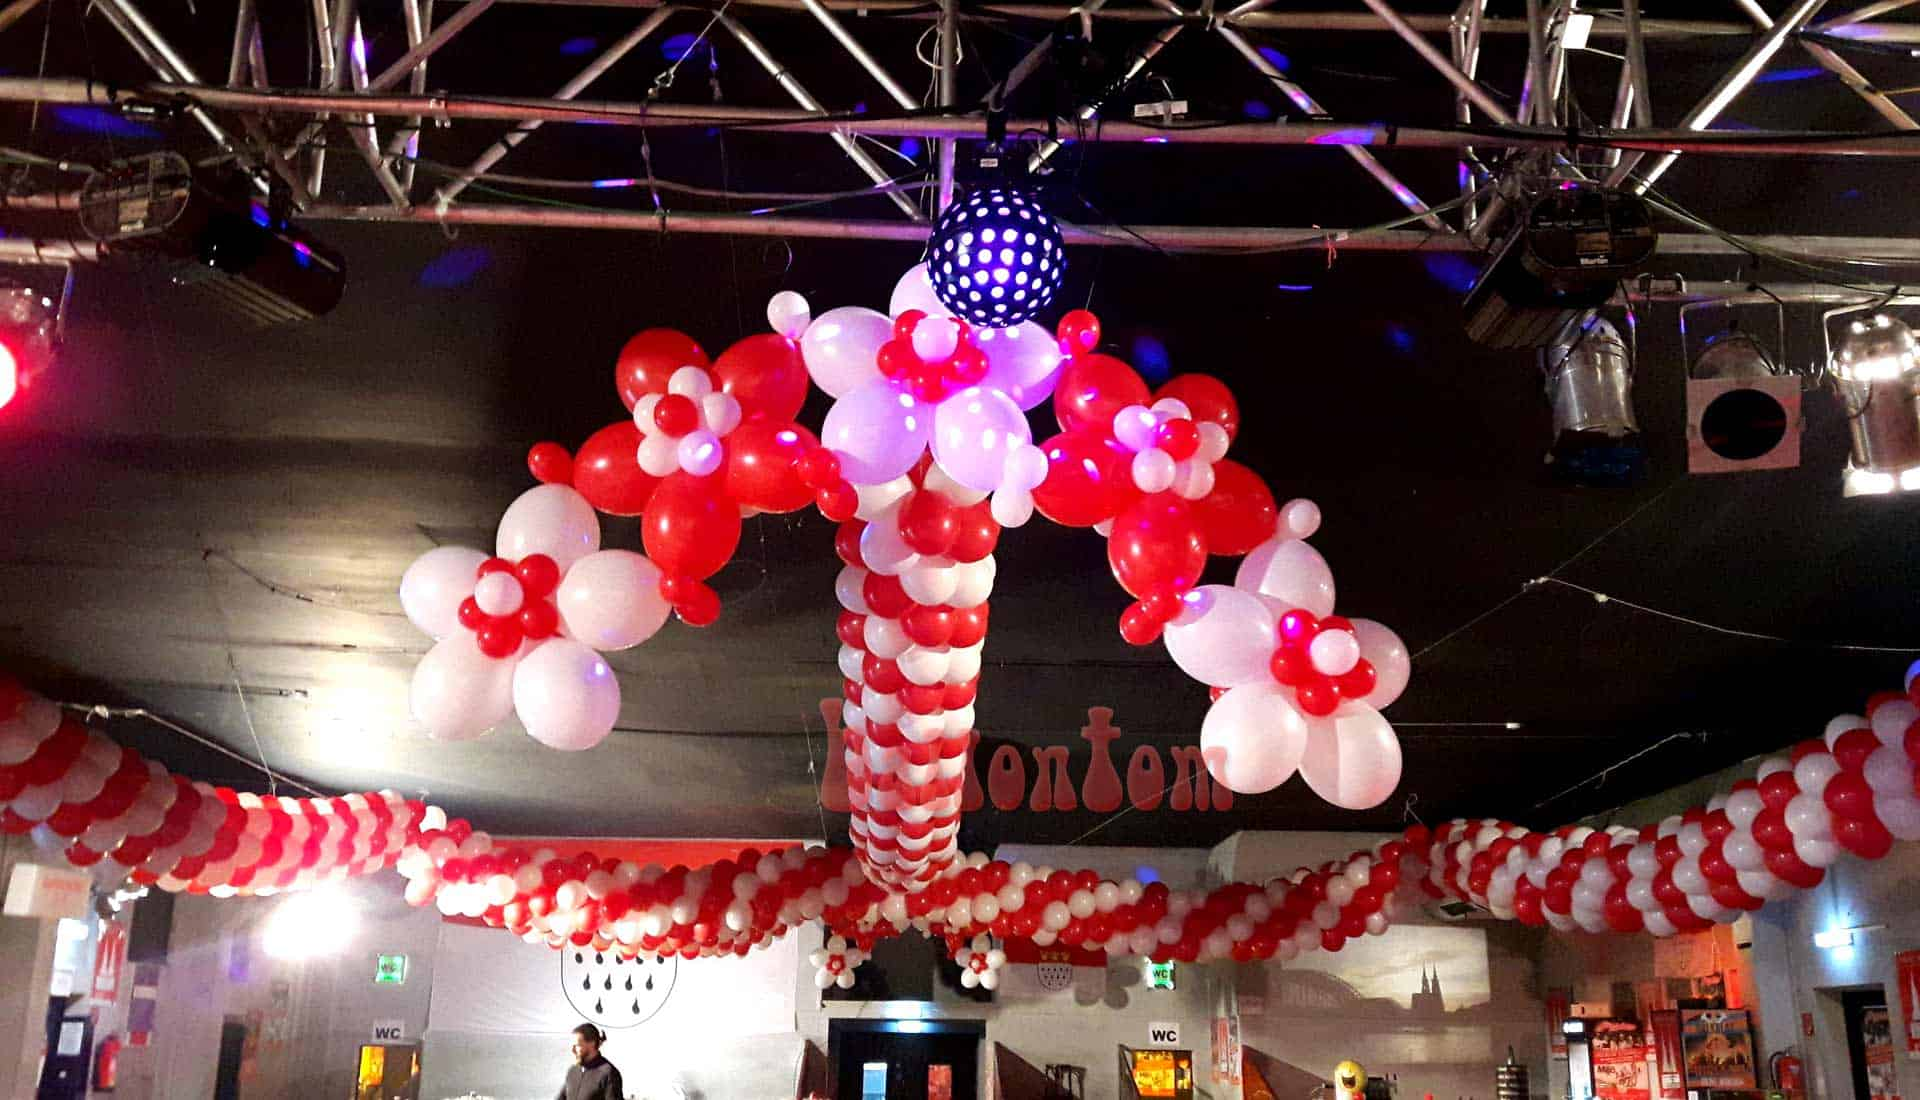 Ballonblumenkranz in der Theaterfabrik in München